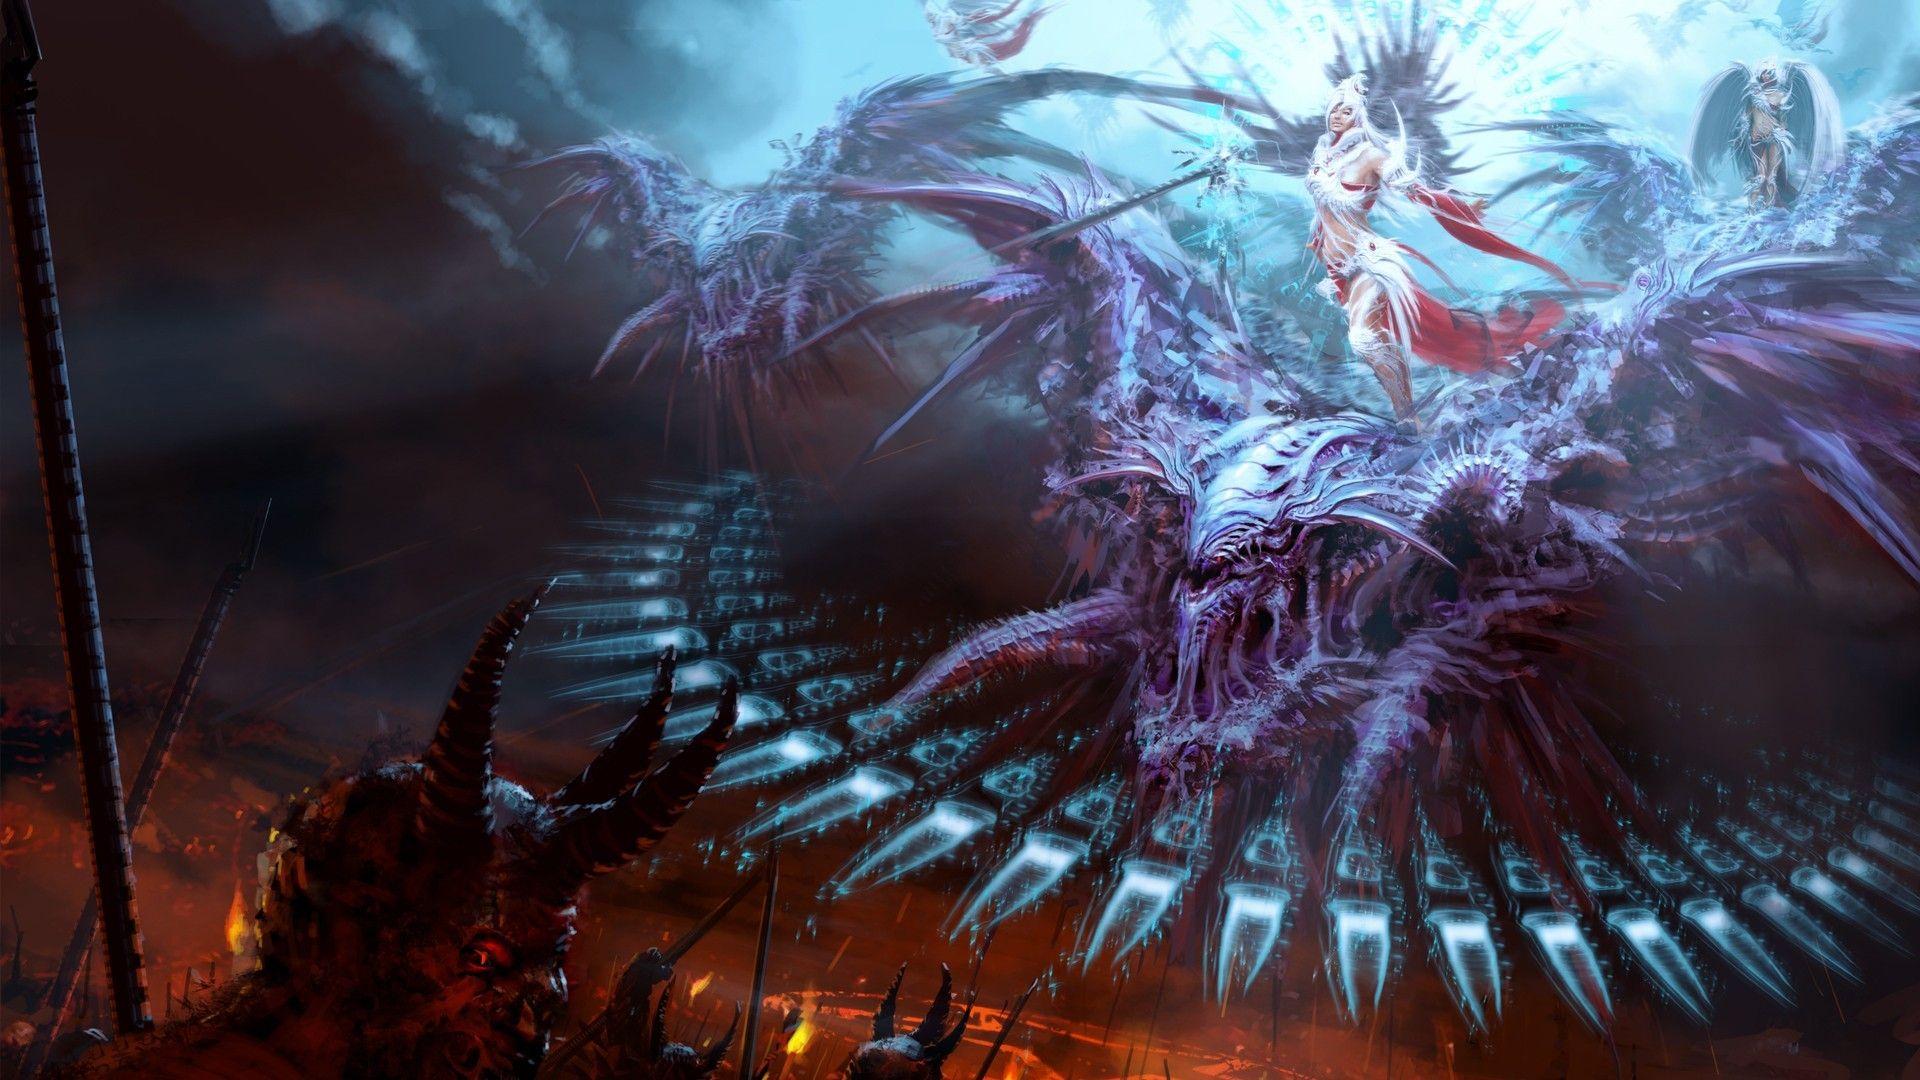 3d blue dragon picture wallpaper